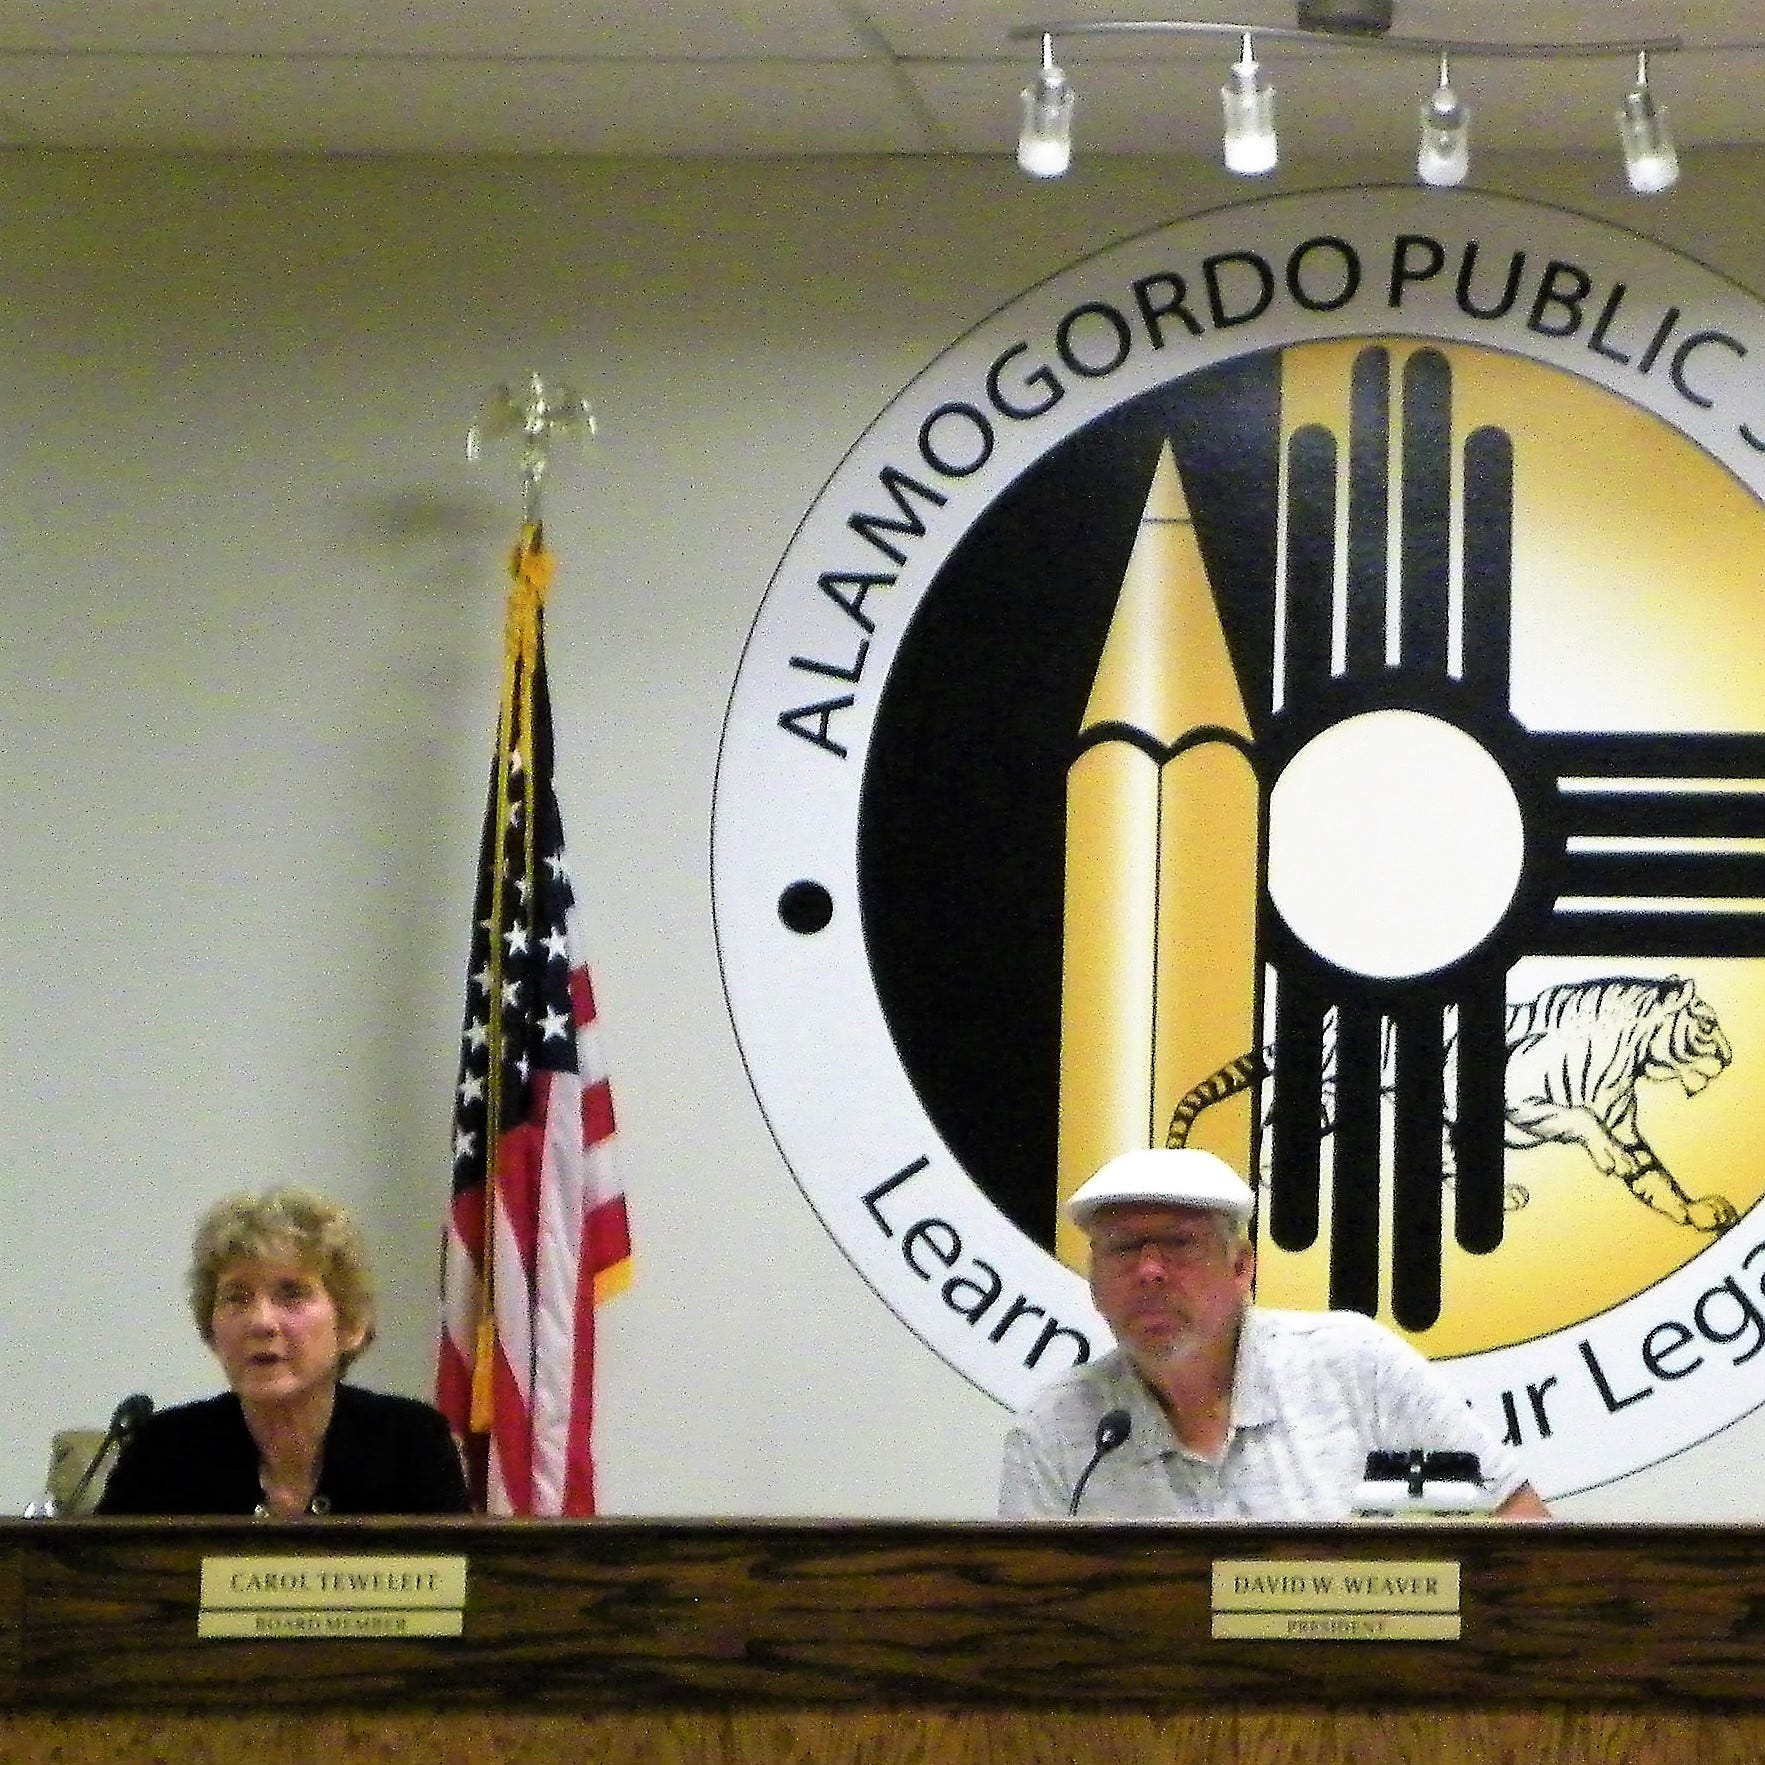 Alamogordo Public School's superintendent search to include consultant